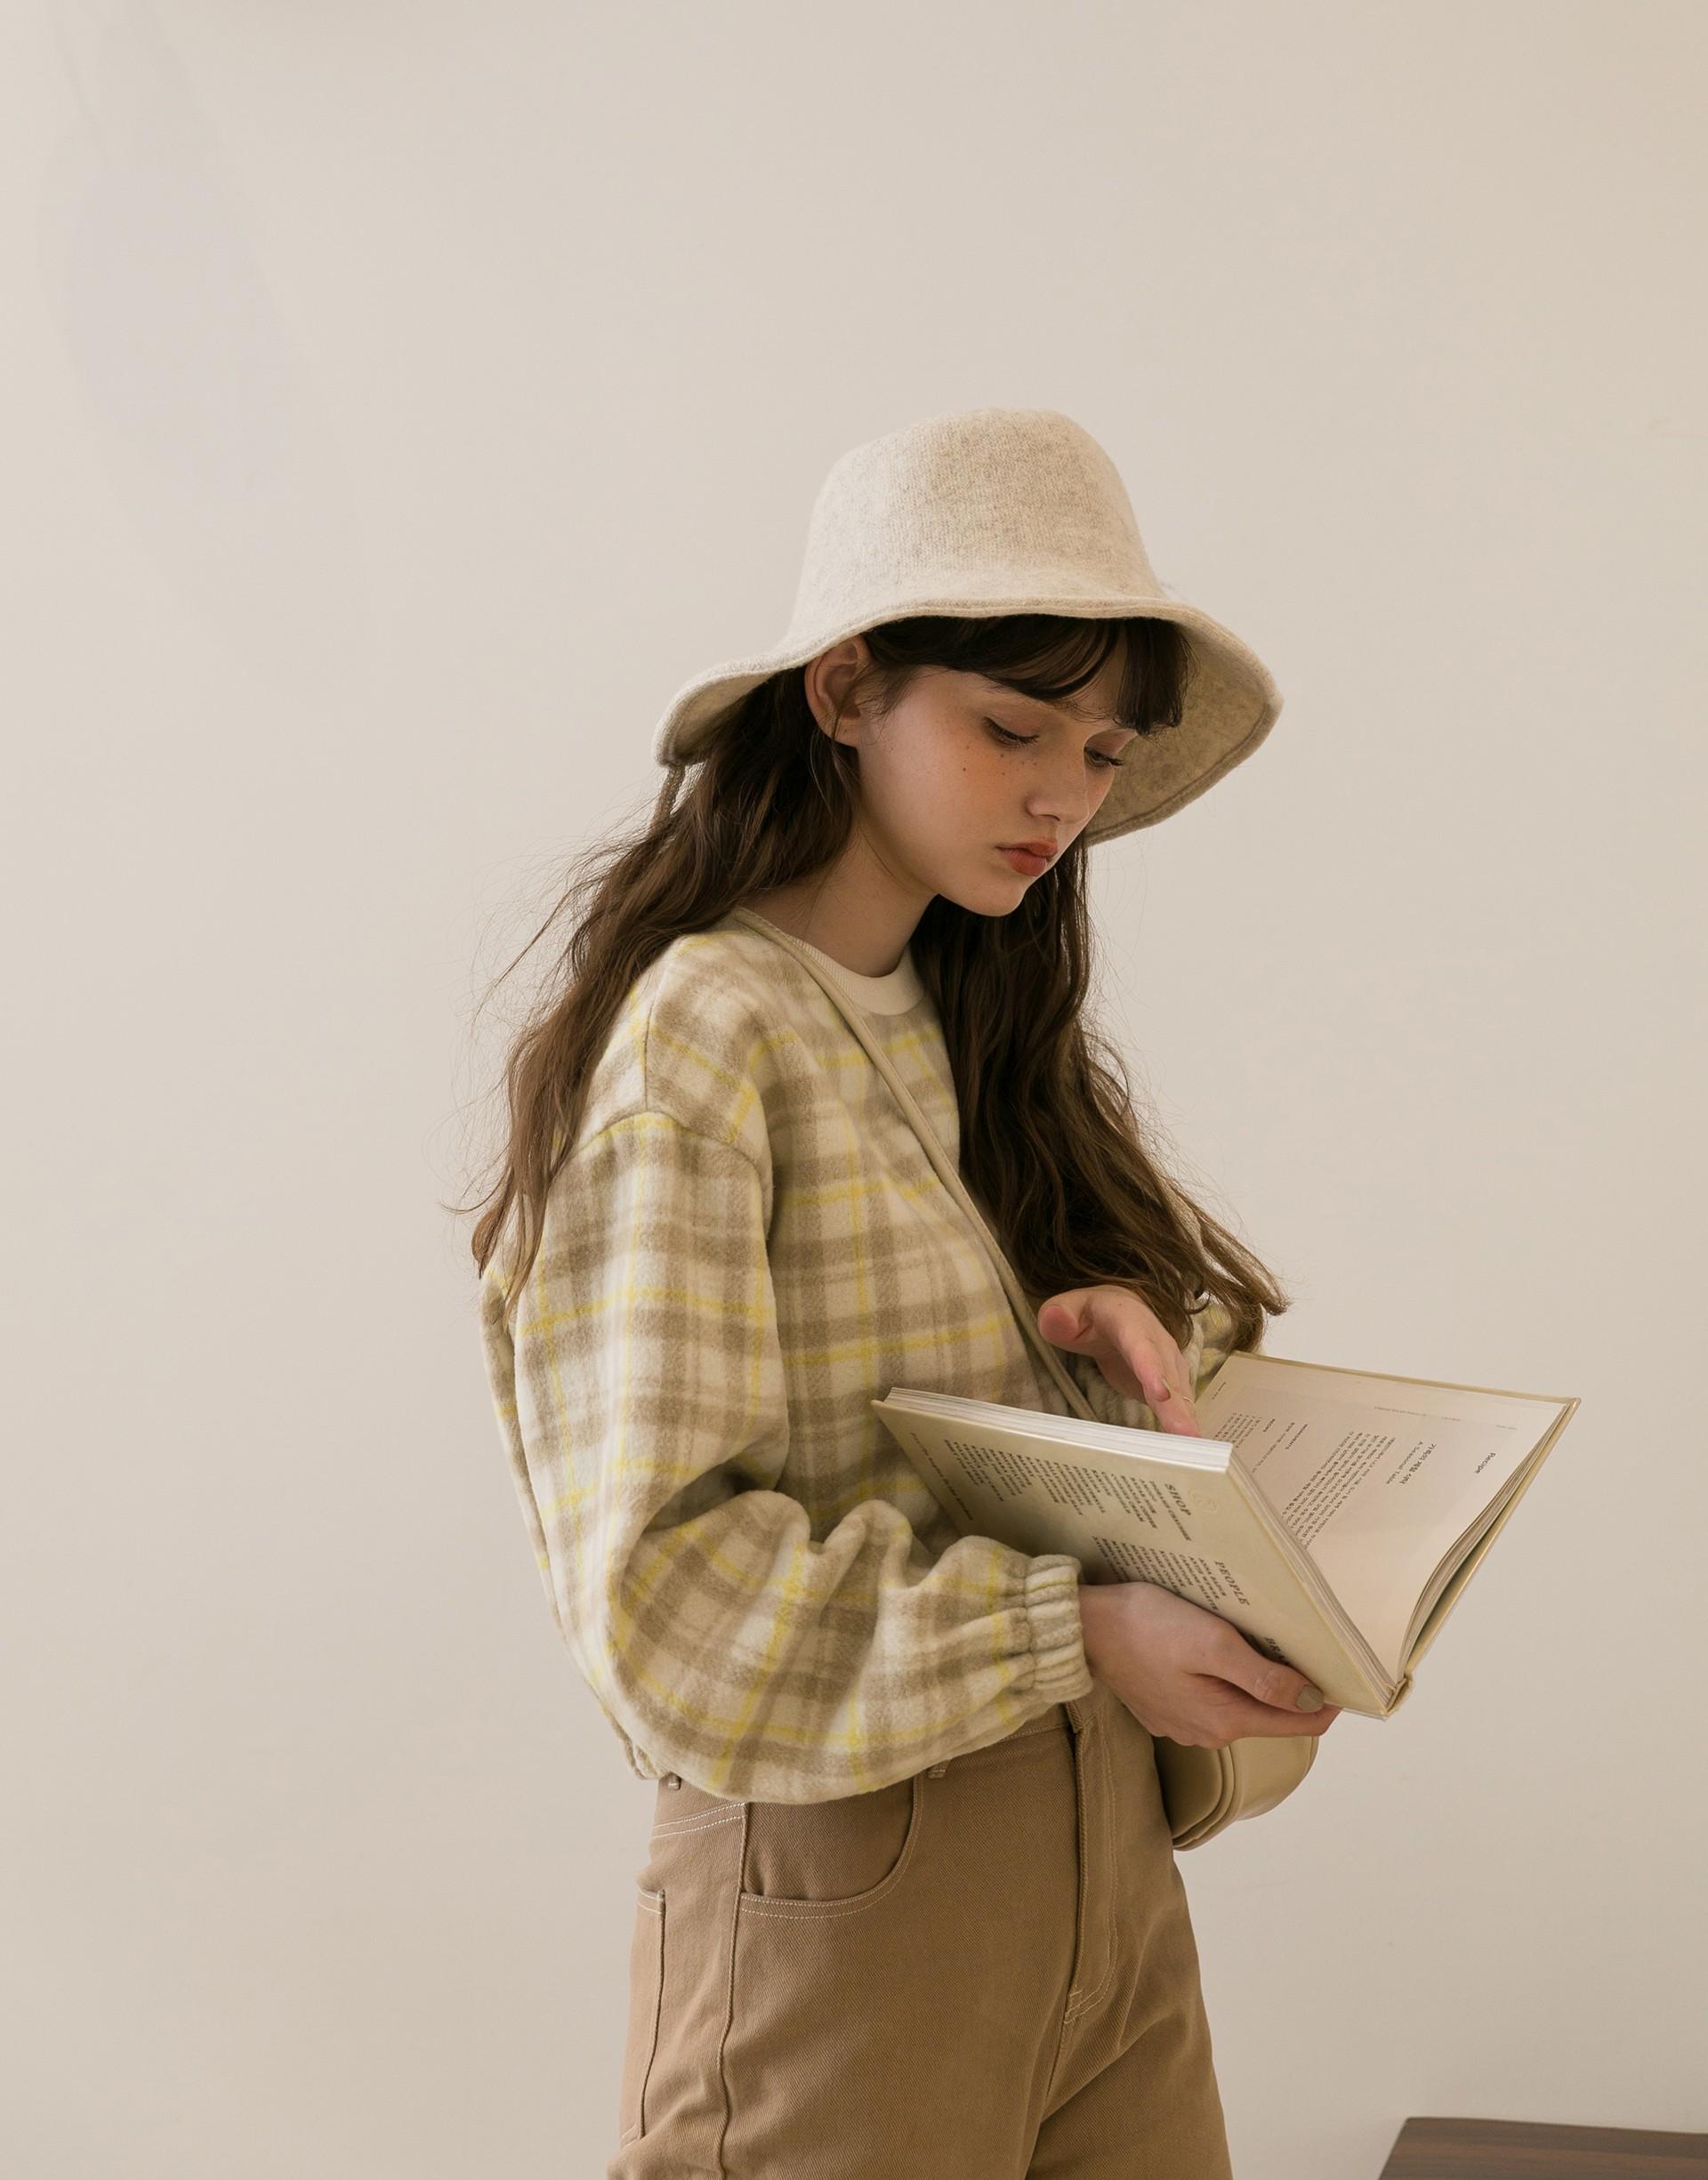 袖口下擺鬆緊縮口設計/ 舒適毛呢布料/ 餅乾奶油檸檬格紋